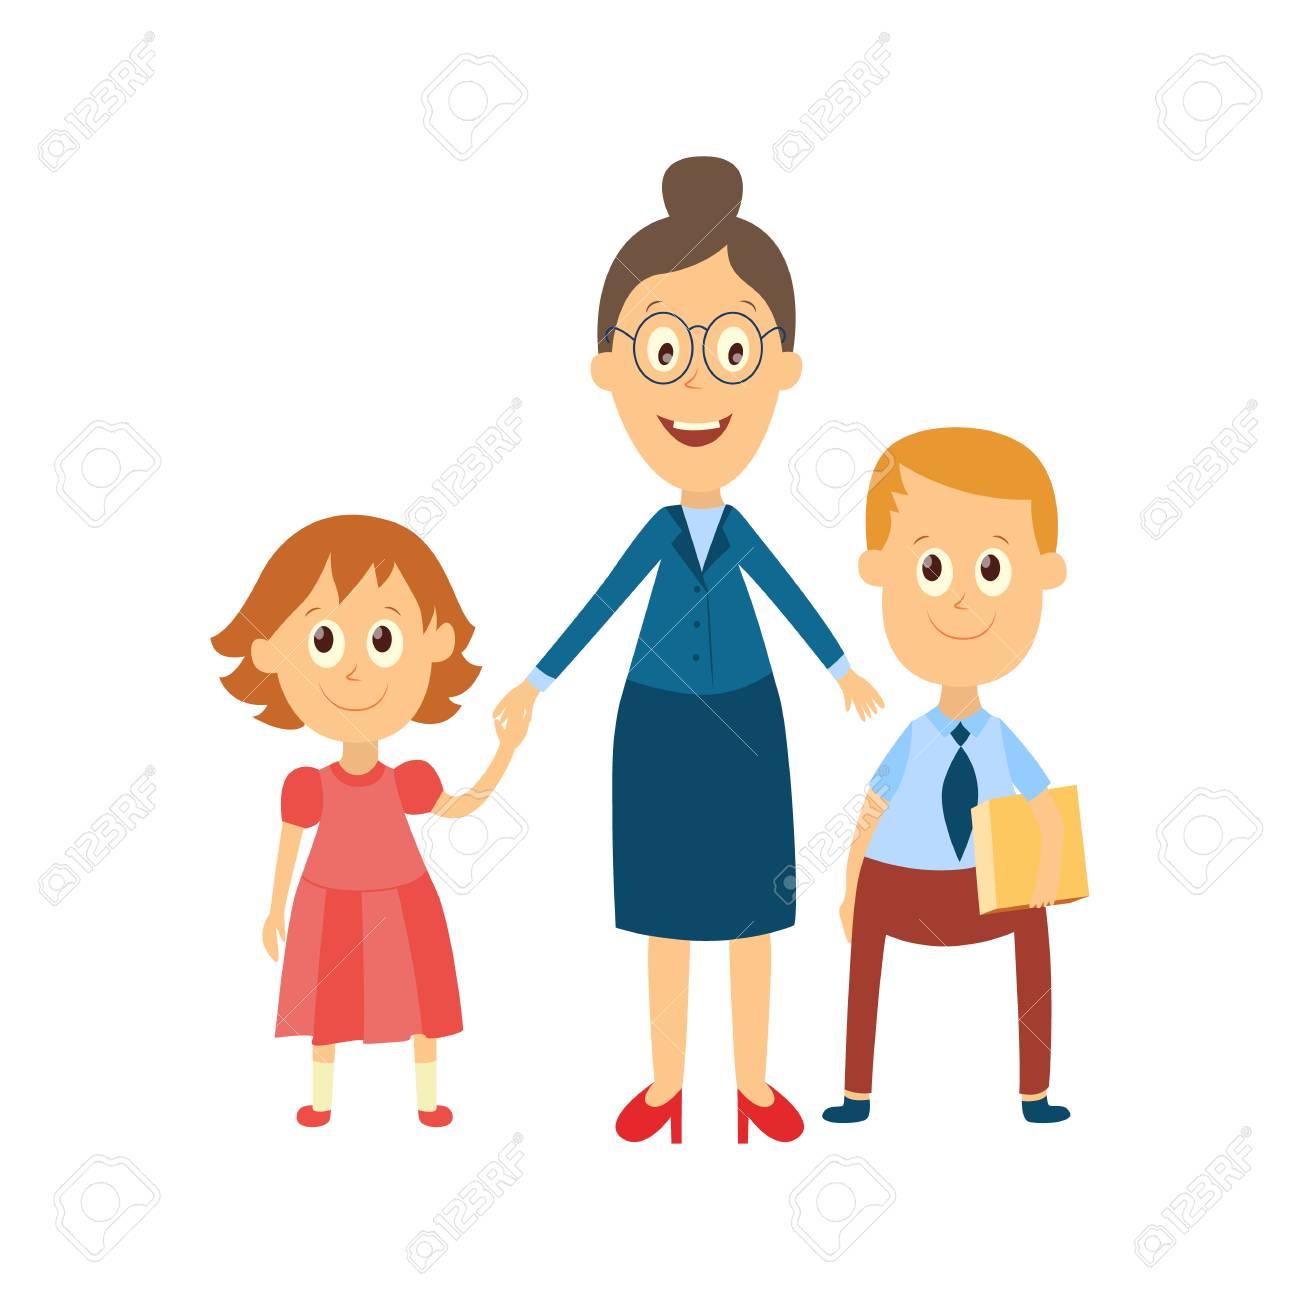 3af153fda7 Foto de archivo - Vector maestro de mujer adulta de dibujos animados plana  en gafas abrazos niño y niña niños pupilas sosteniendo libros, cuadernos.